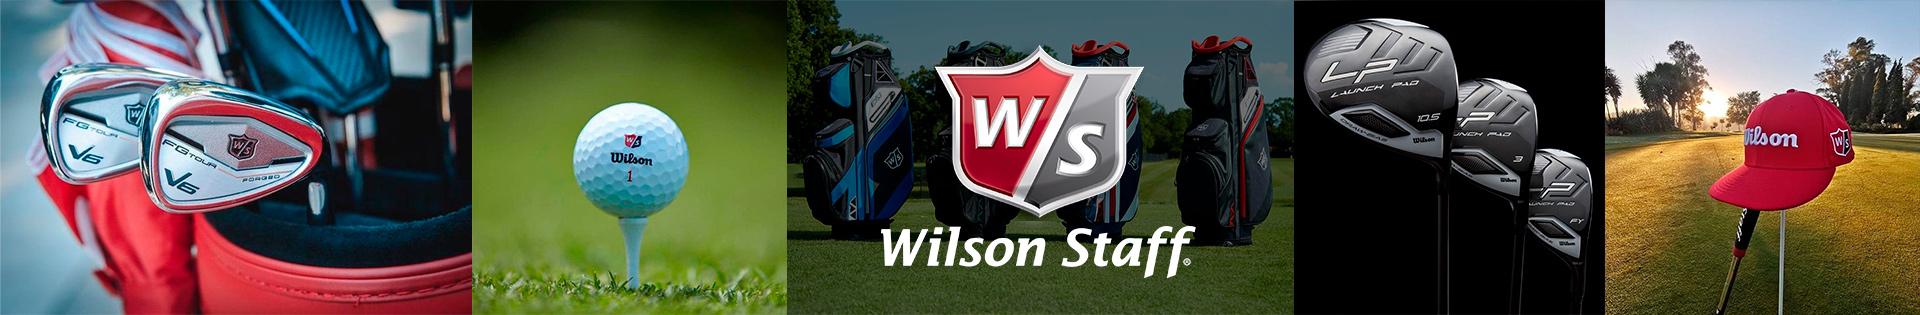 Wilson Staff golfudstyr